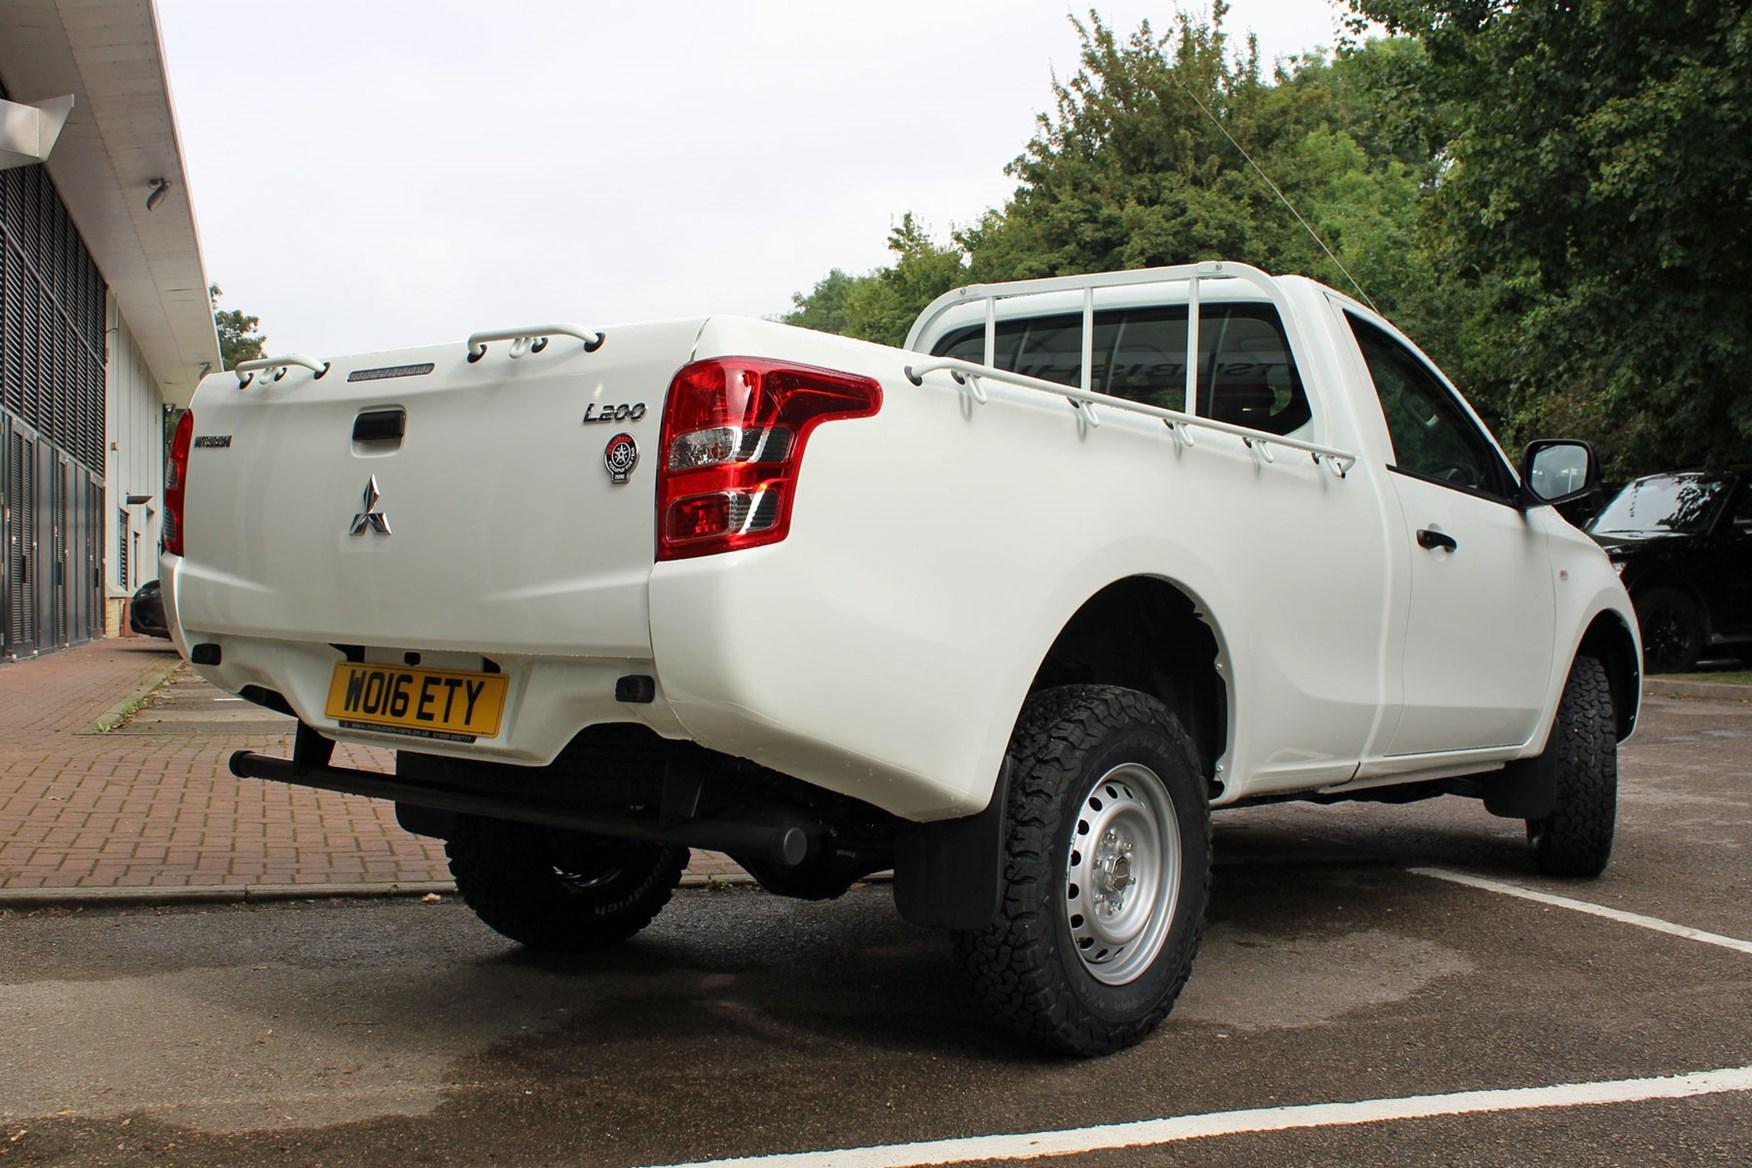 Mitsubishi L200 4Life Single Cab review - rear view, white